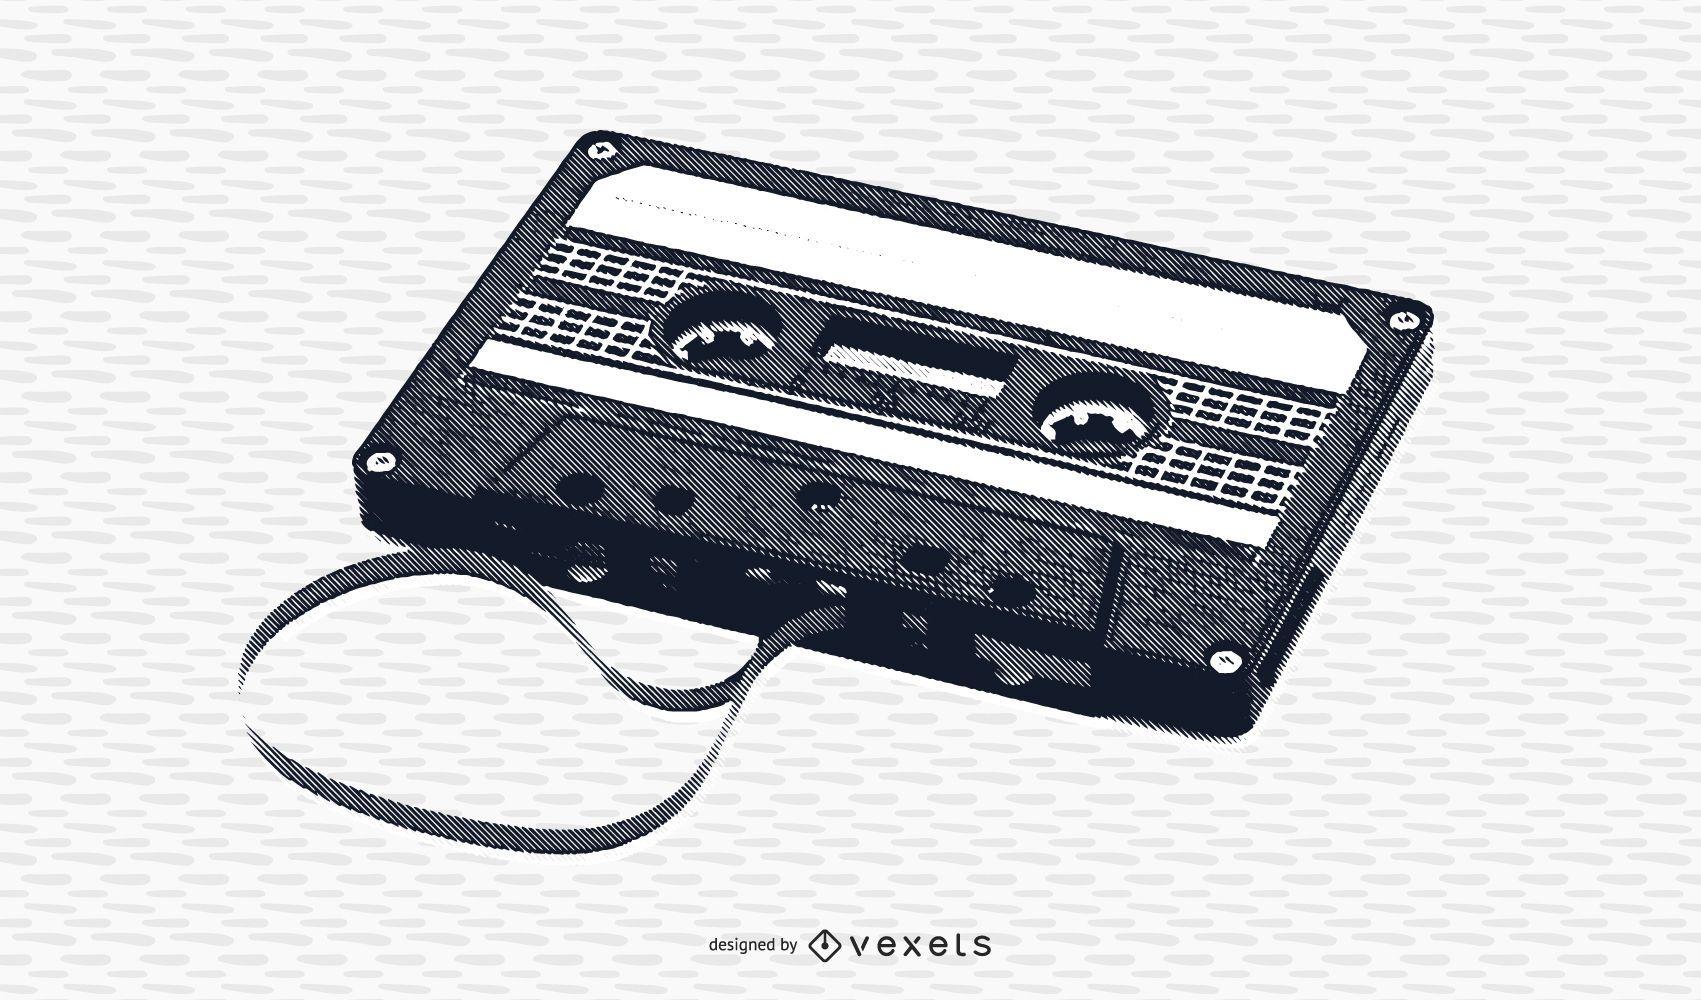 Casete de cinta vintage blanco y negro